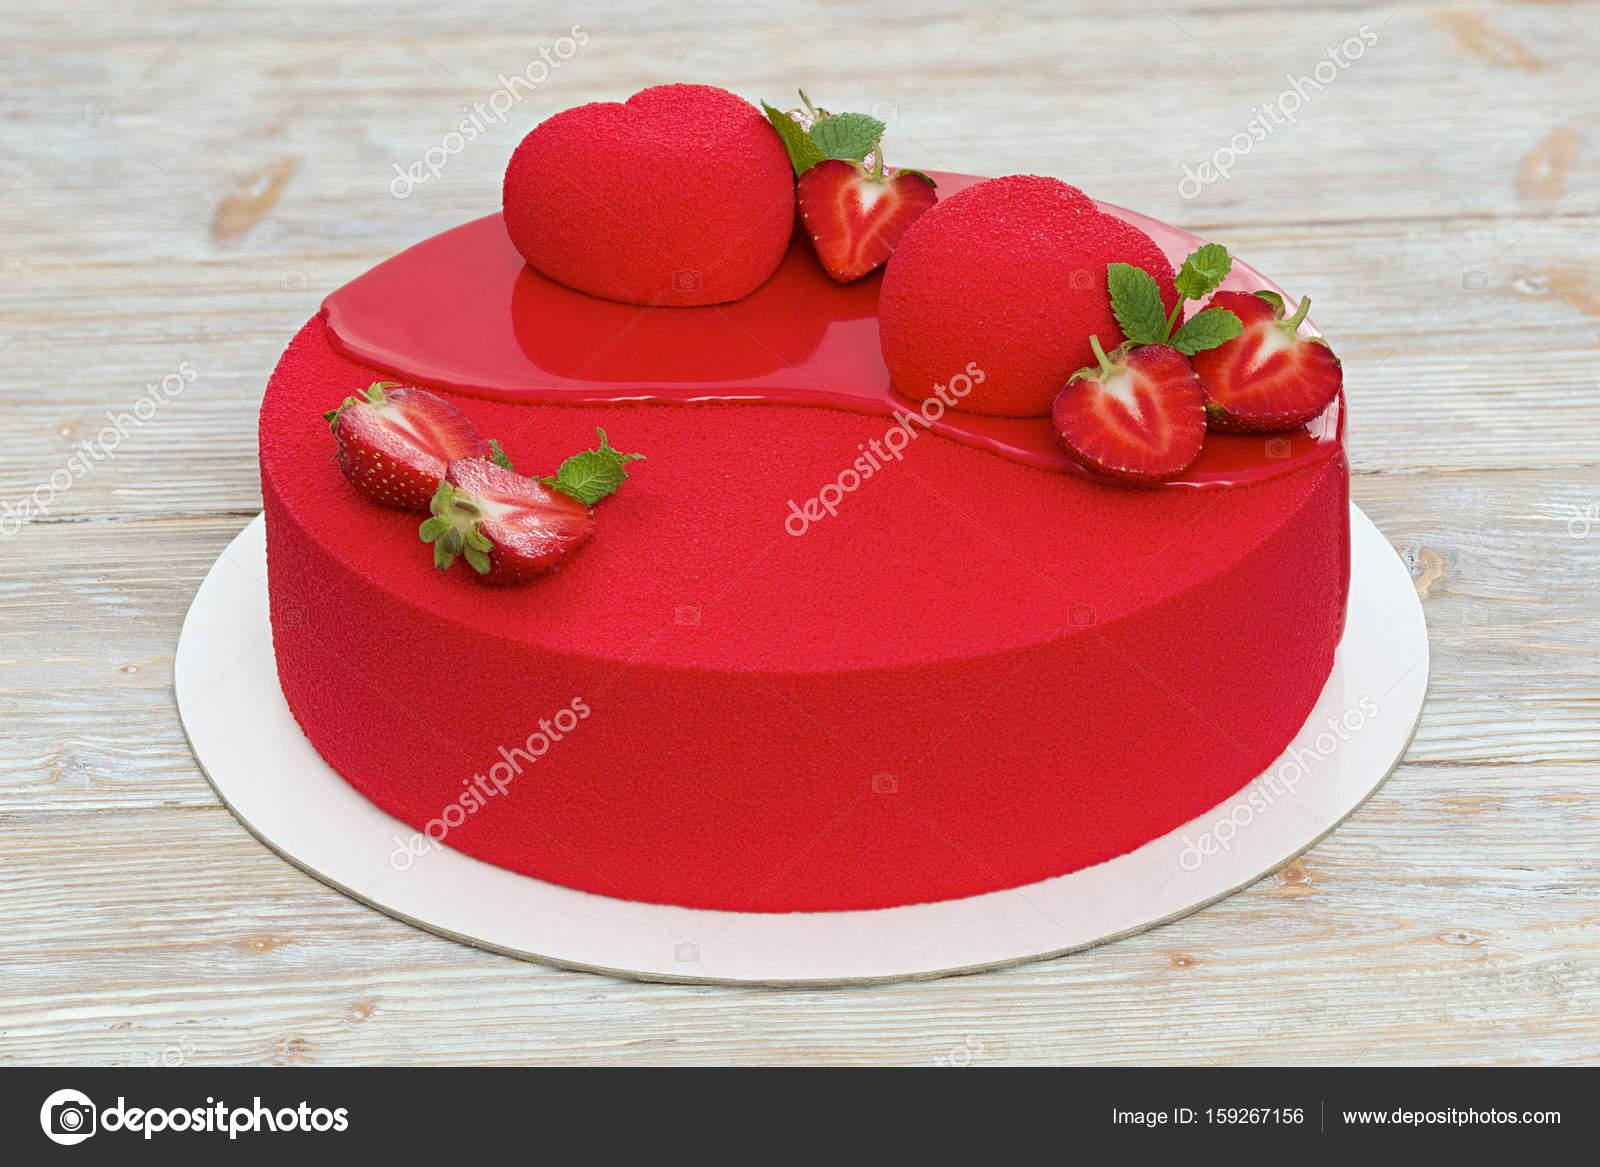 Roter Samt Kuchen Auf Weissem Holz Hintergrund Stockfoto